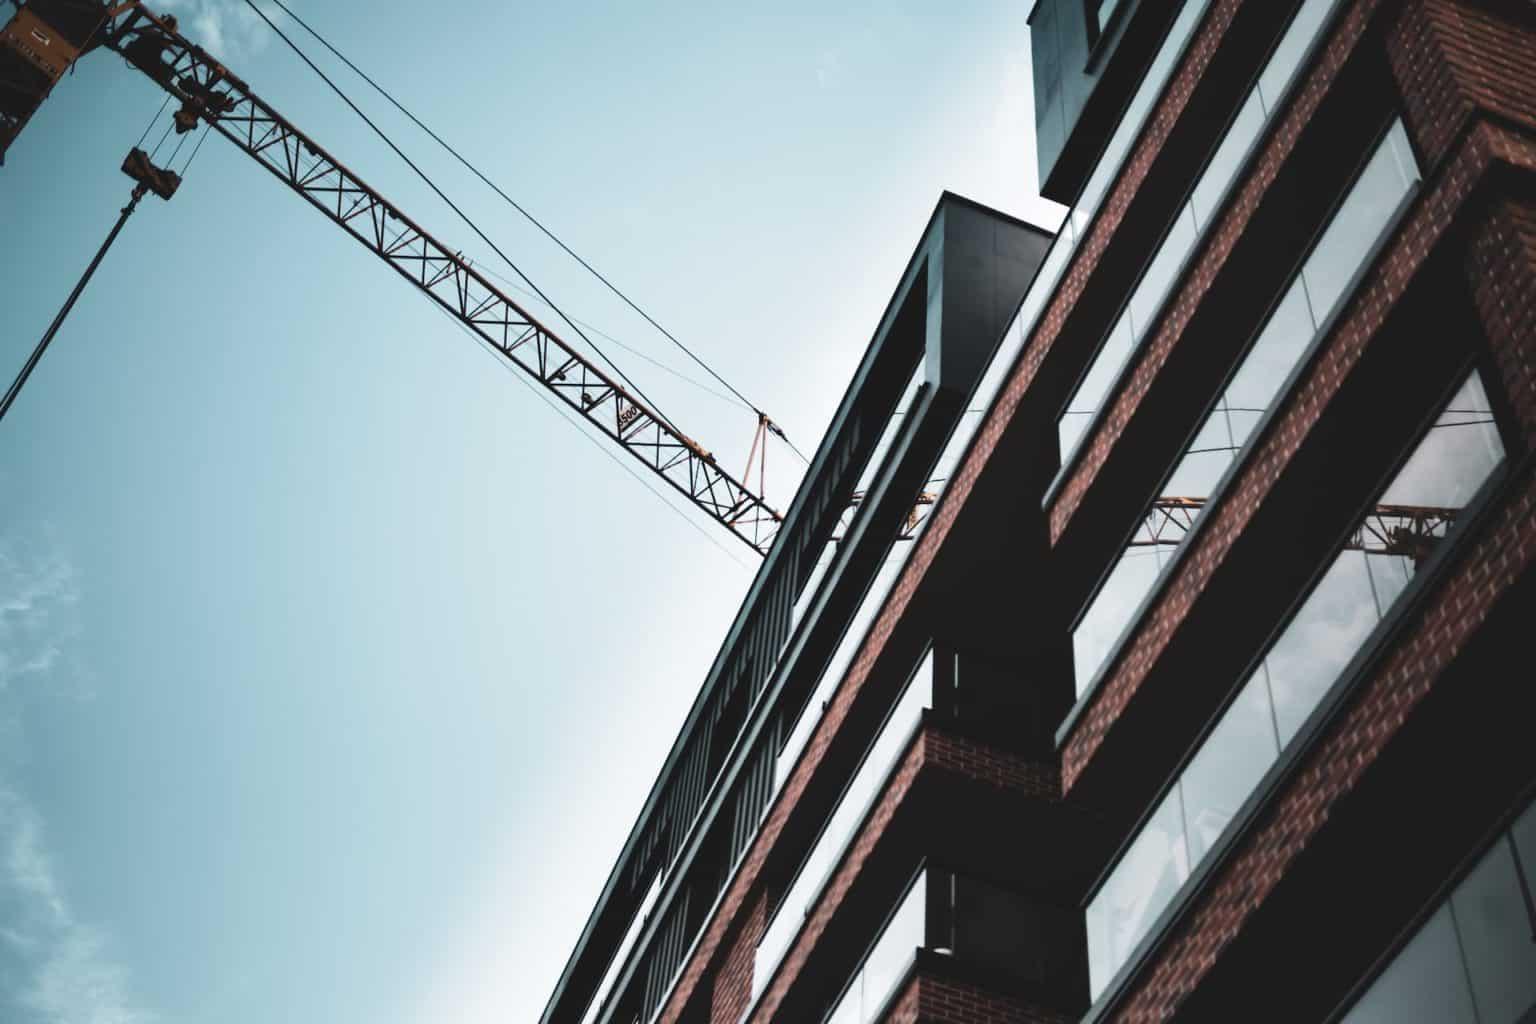 Ecobonus 110% ristrutturazione: gli interventi ammessi